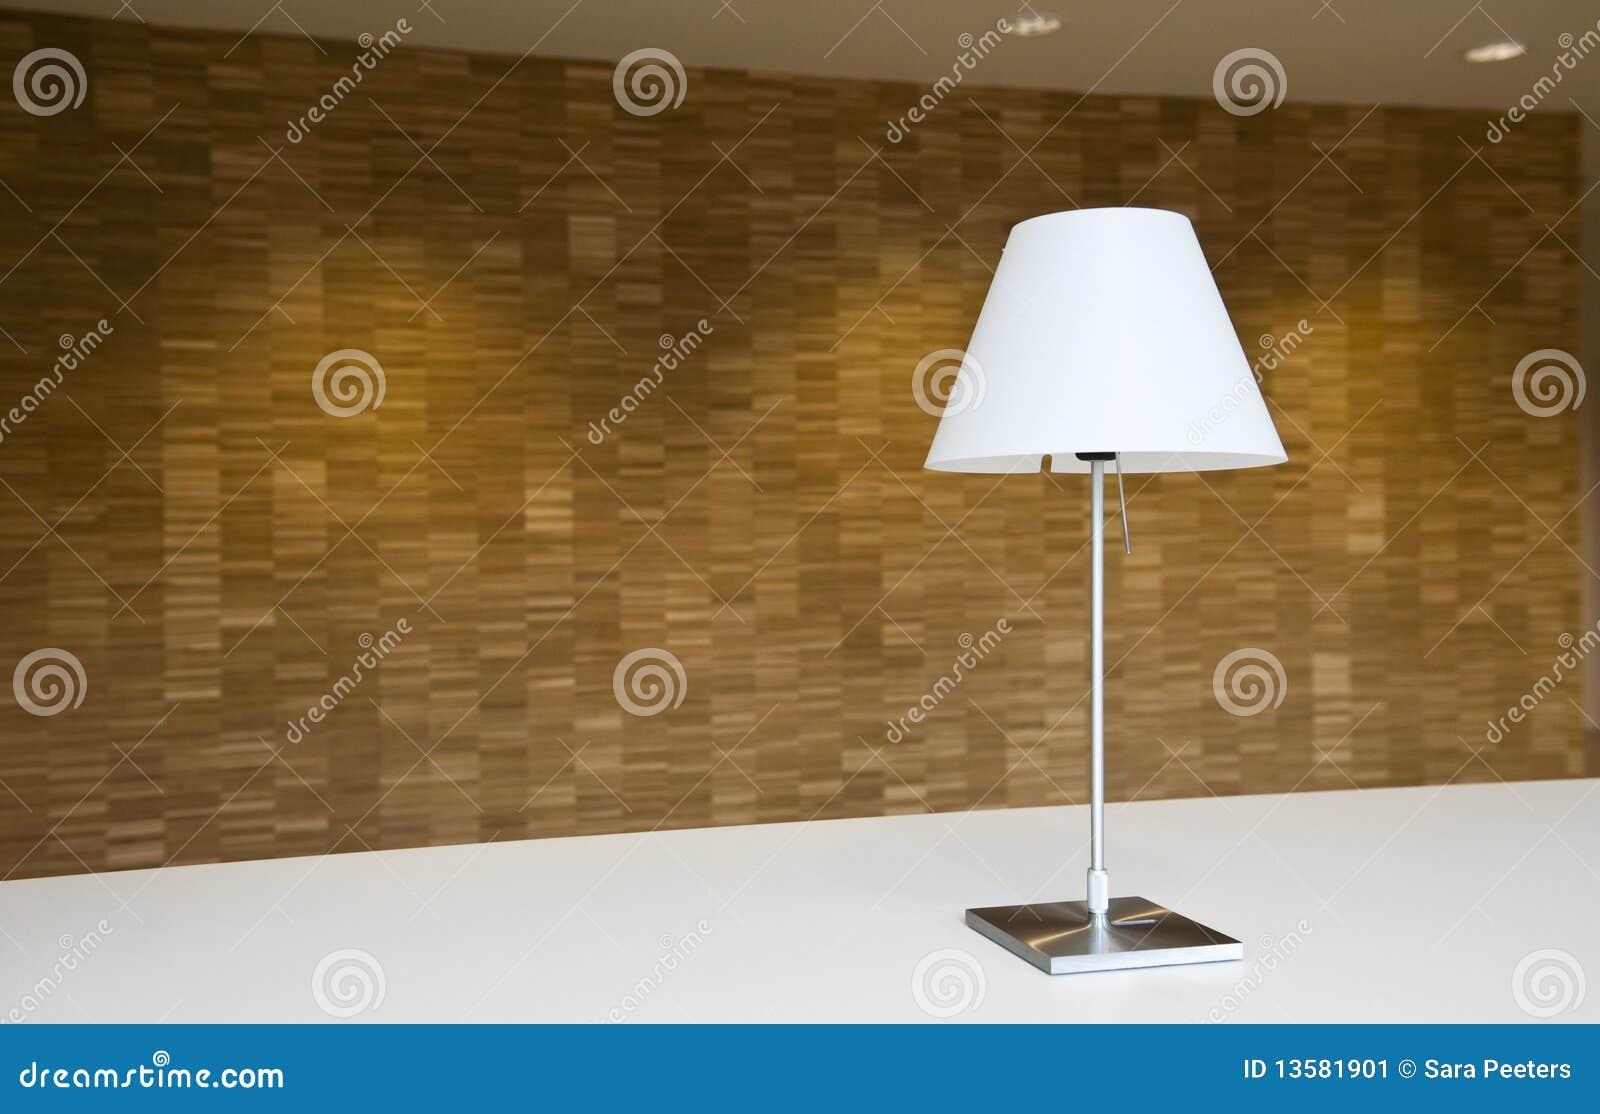 Lâmpada & parede